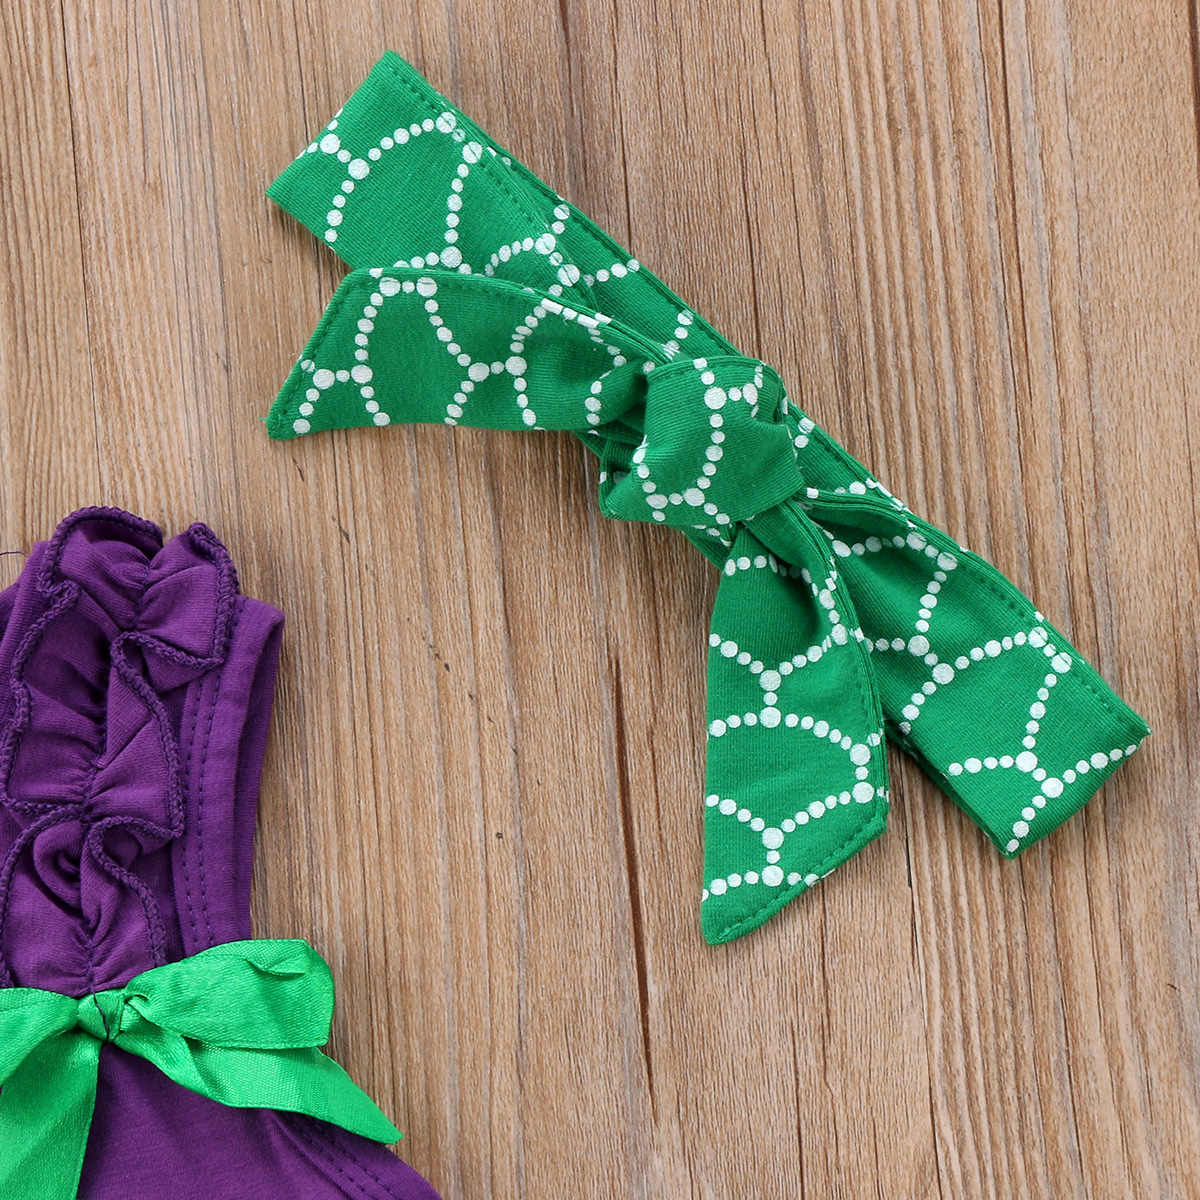 Sevimli Yürümeye Başlayan Çocuk Bebek Kız pamuklu üst giyim Mektup T-shirt Mermaid Şort Giysileri Yaz Kıyafet Seti Rahat Kısa Kollu Giyim